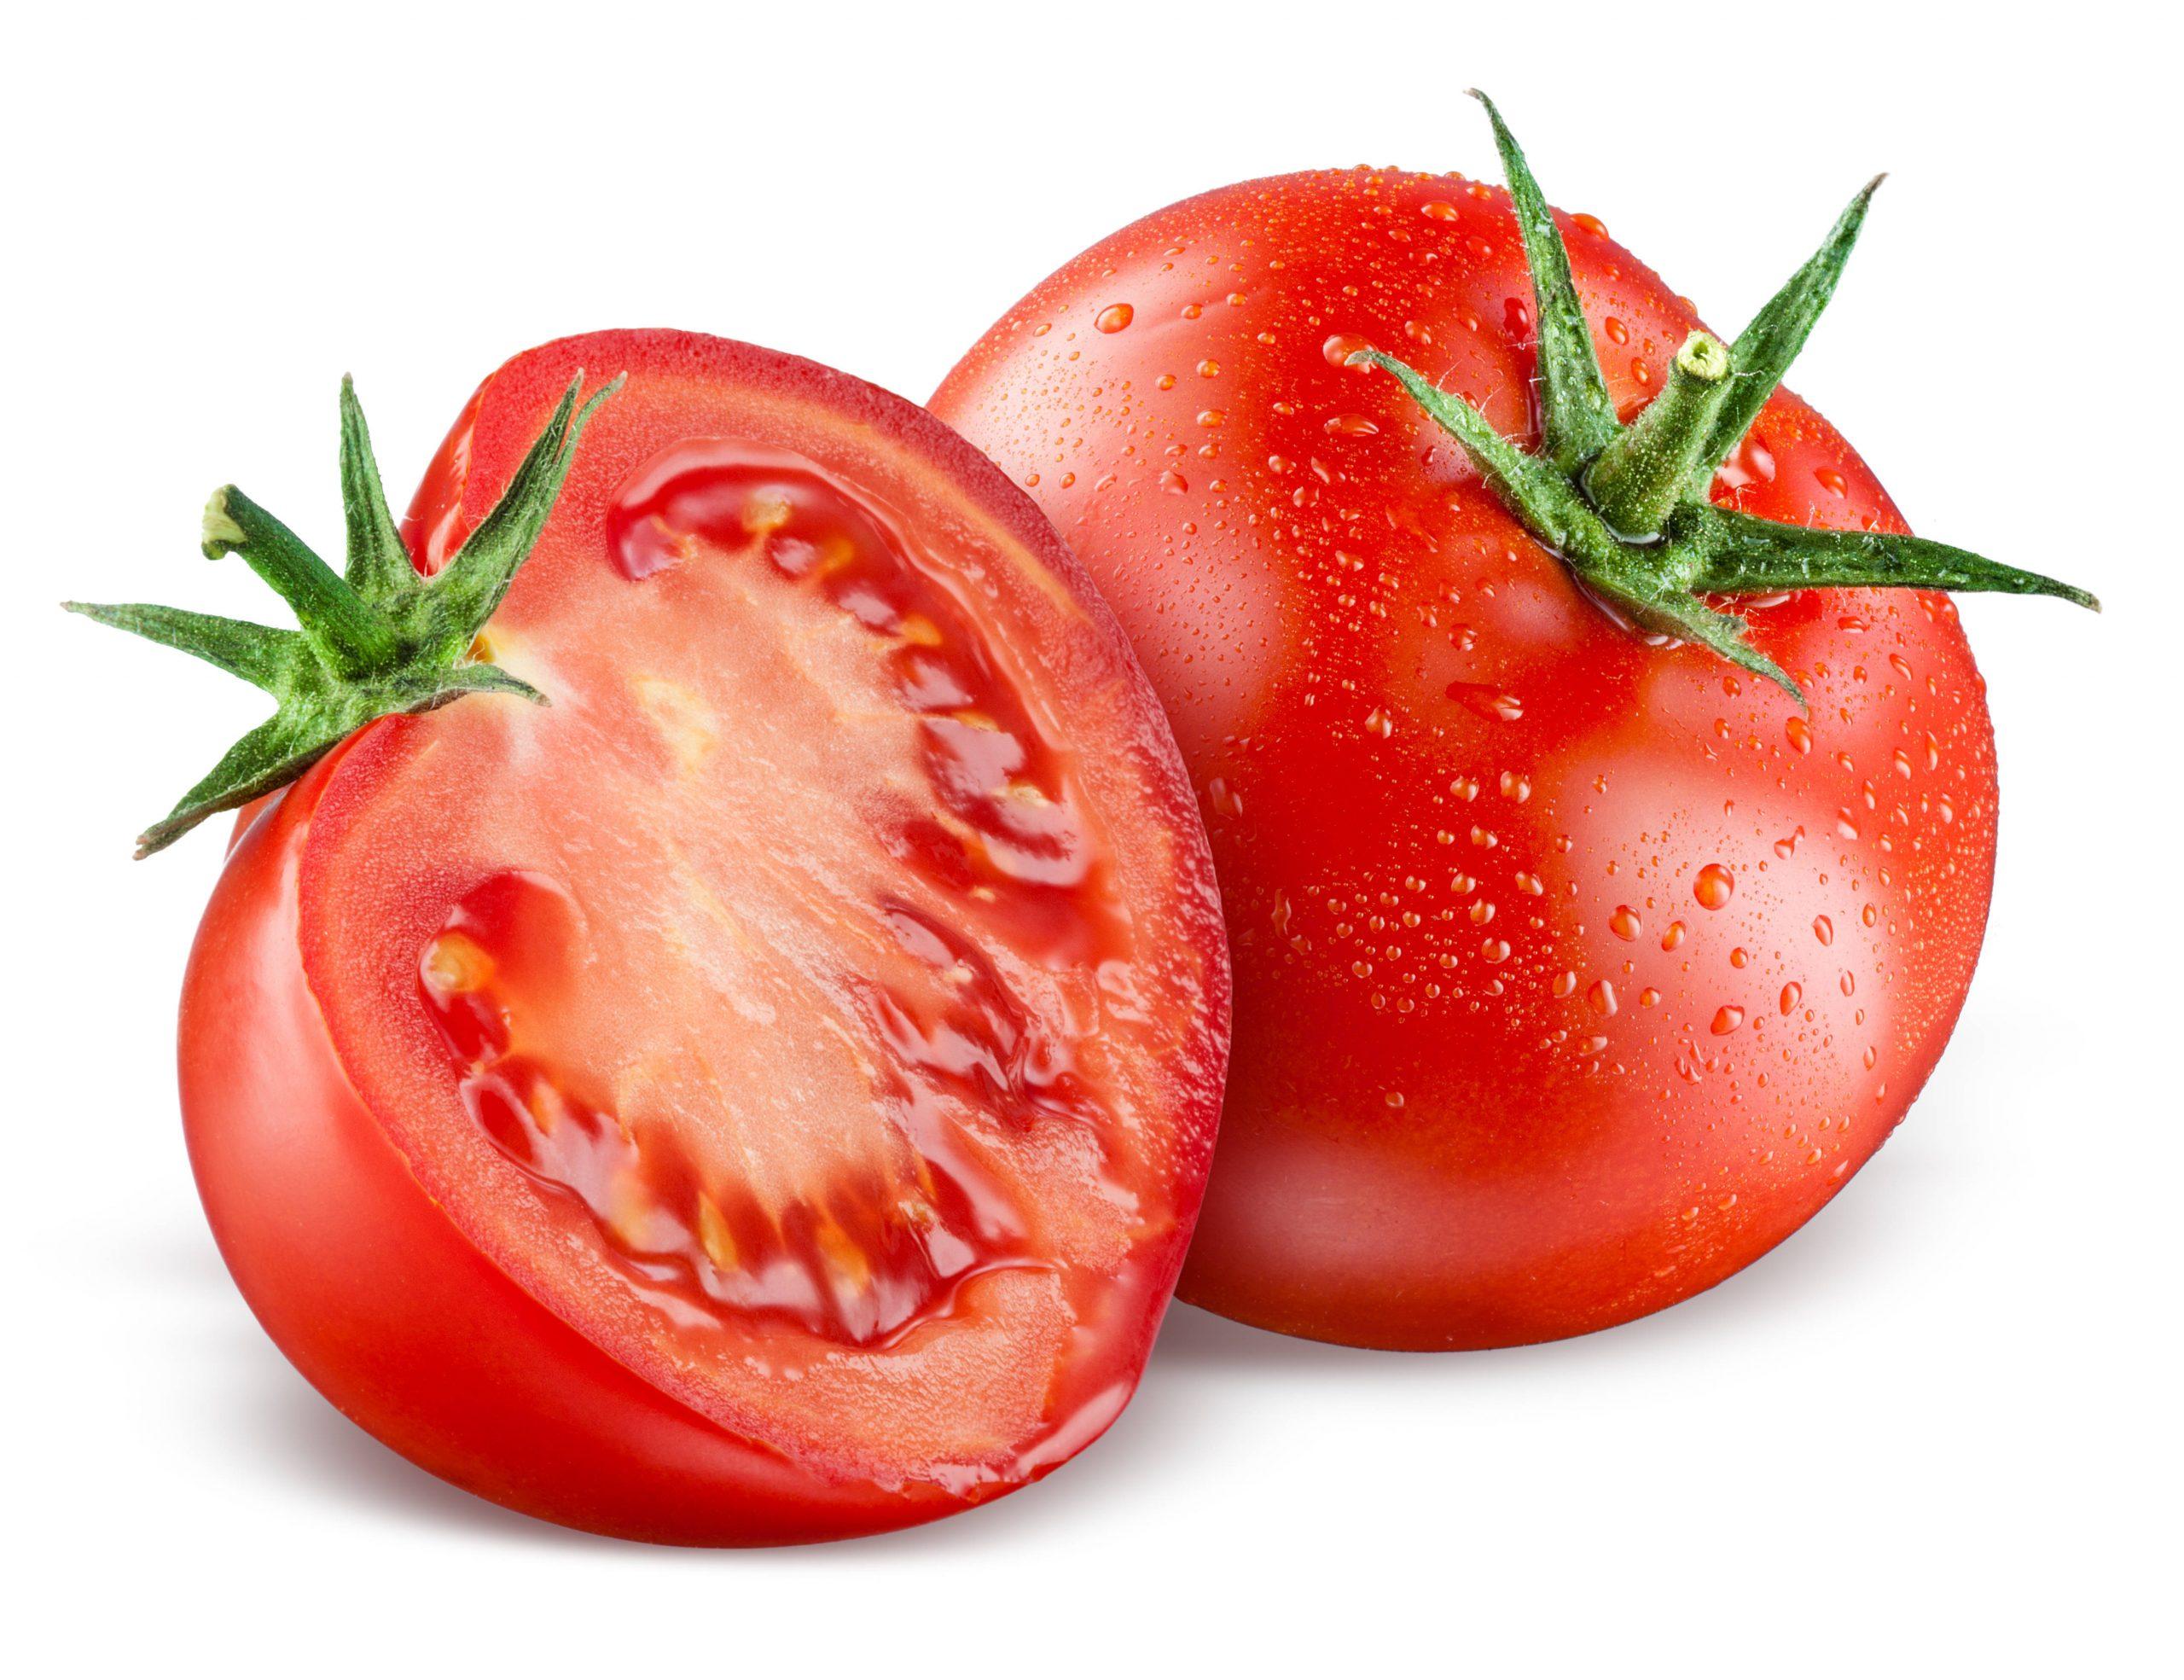 Las empresas transformadoras de tomate y su éxito a nivel internacional